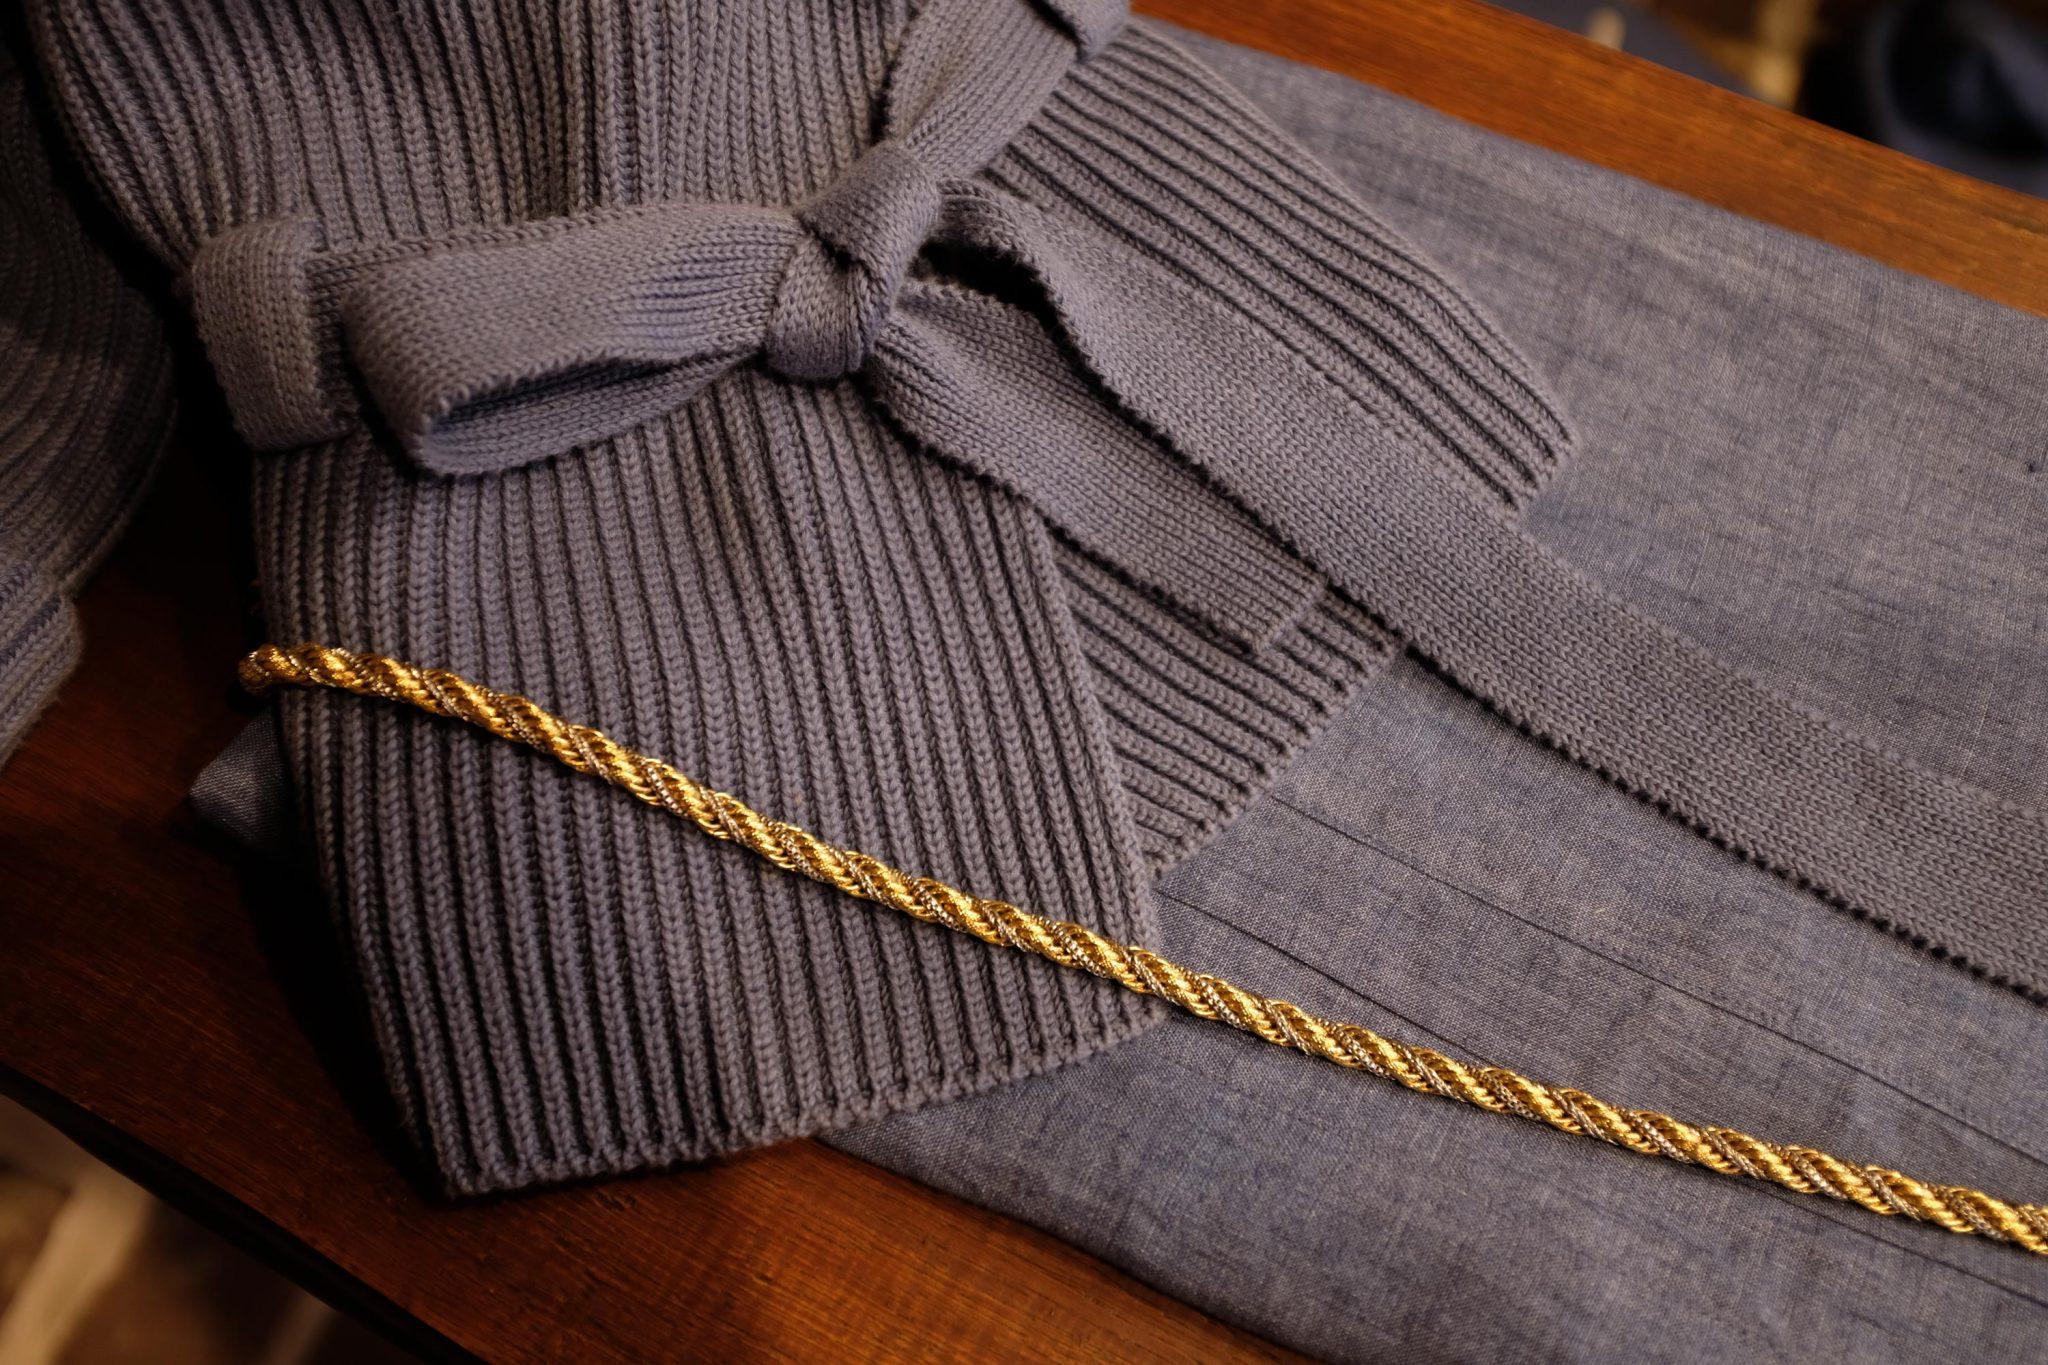 Spring grauw blauw vest gouden riem